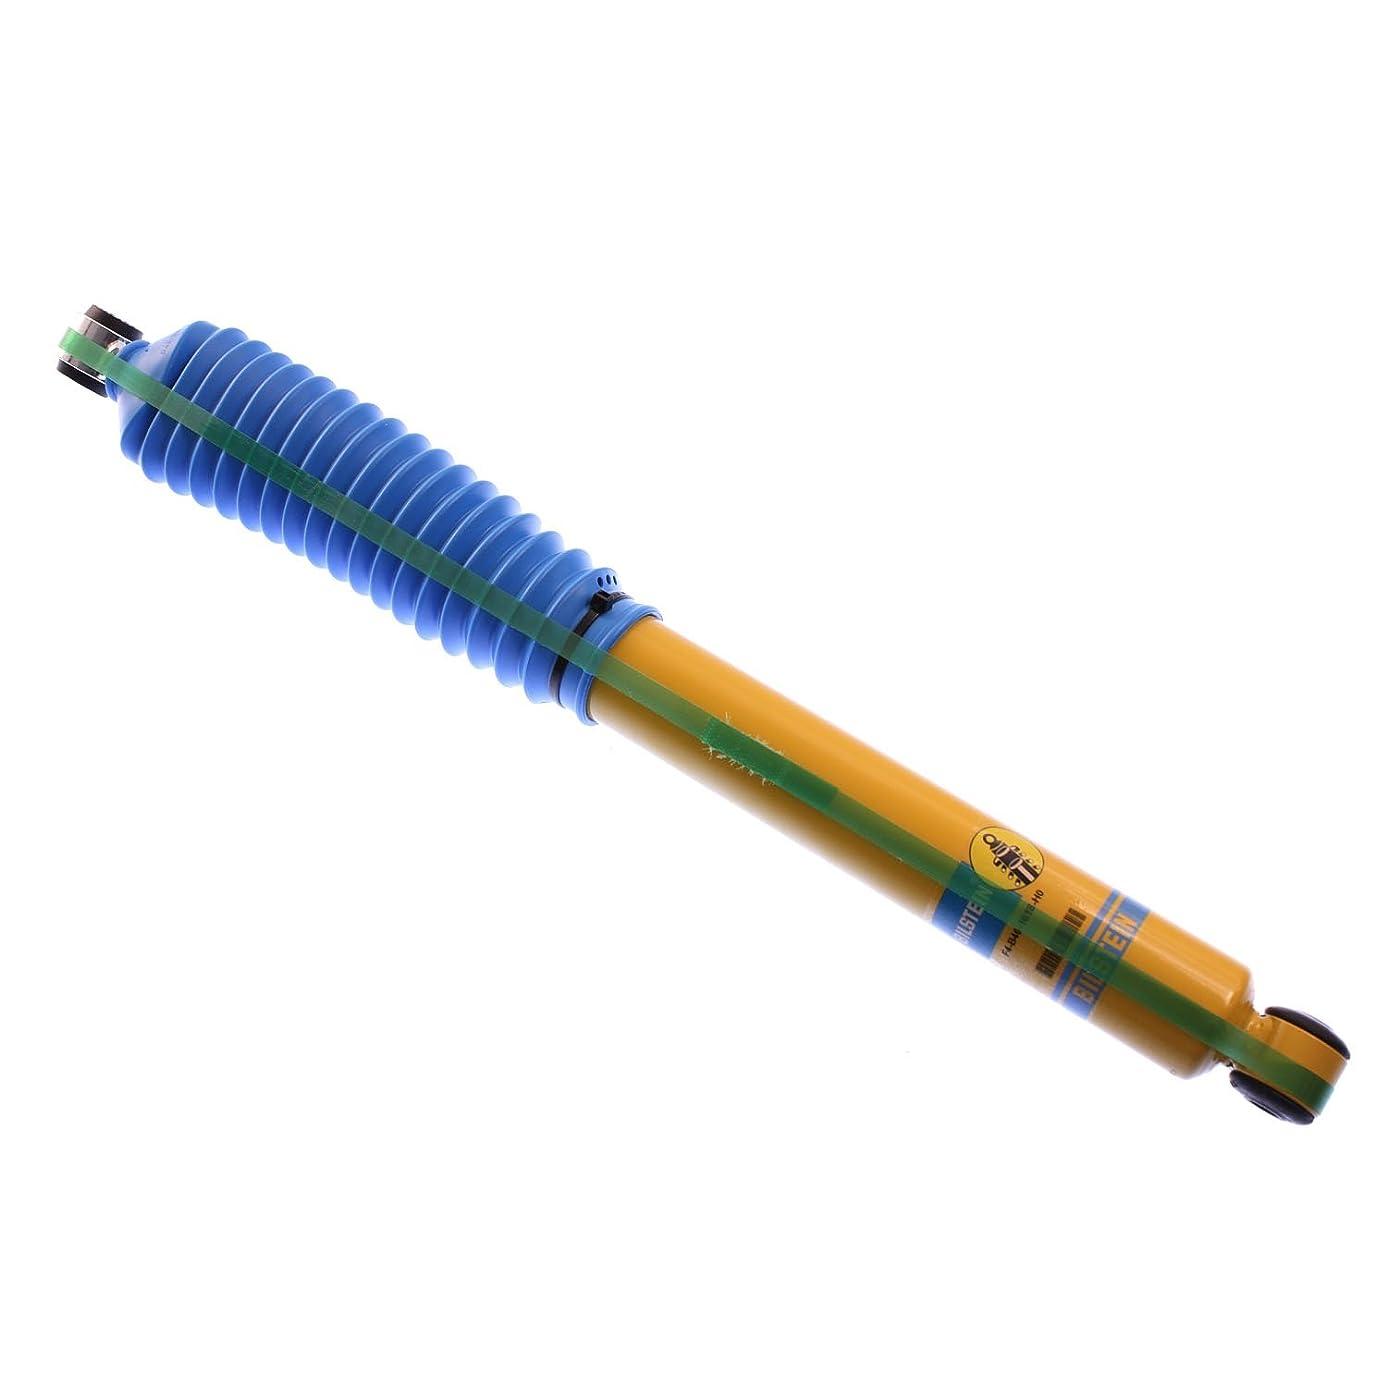 Bilstein (24-016186 46mm Monotube Shock Absorber